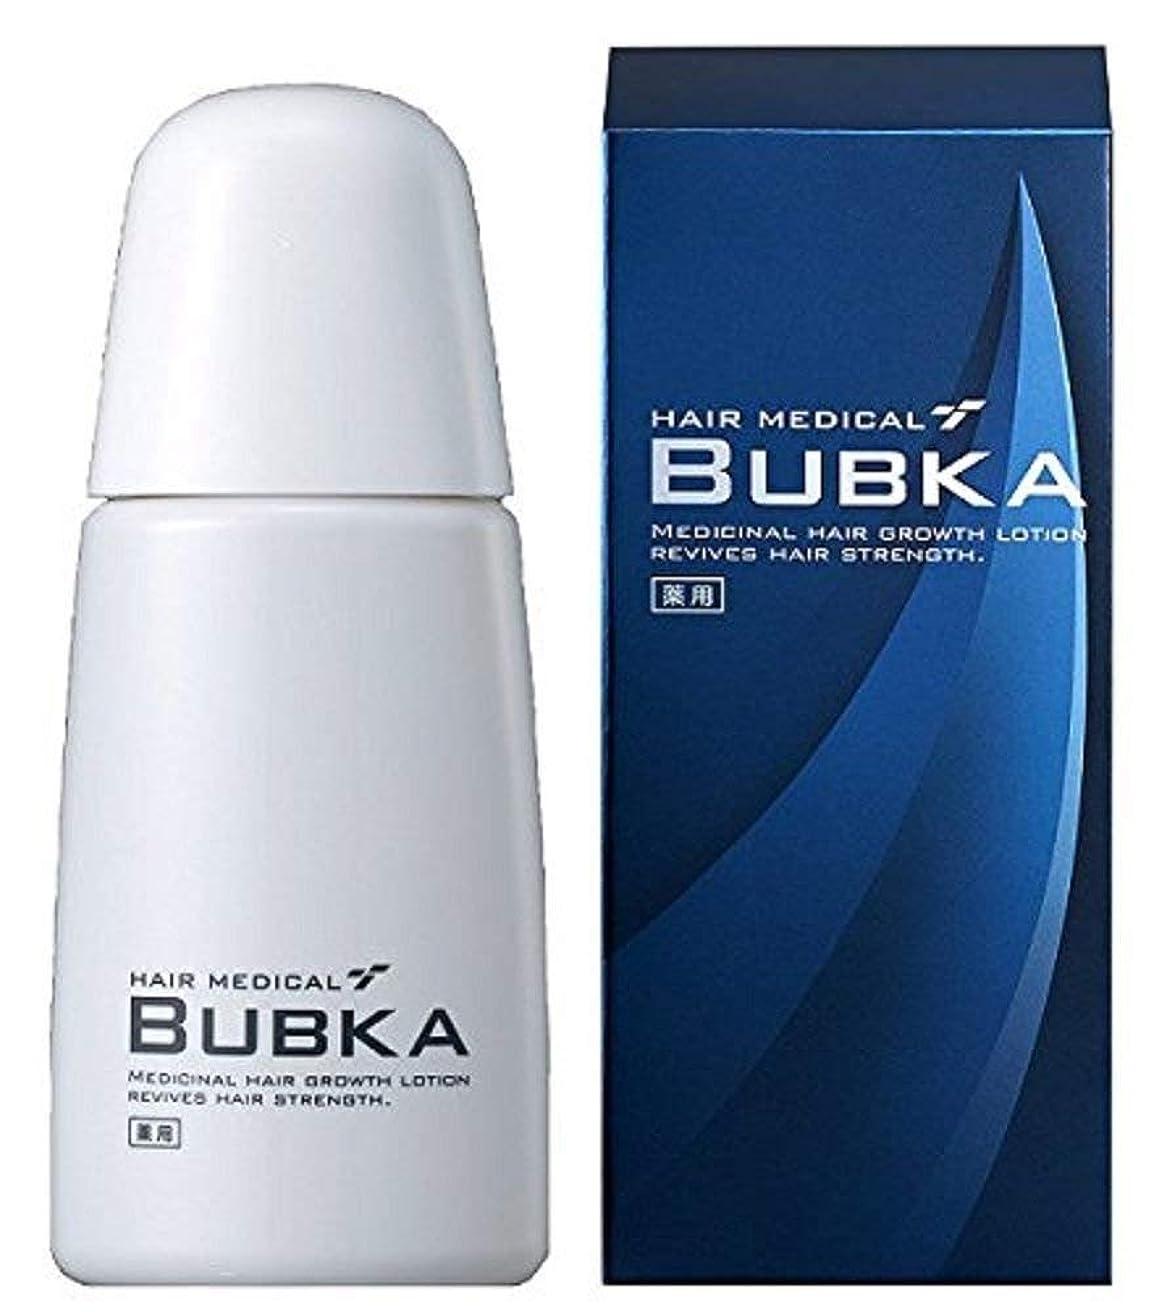 義務づける抽象化酸化物【BUBKA ブブカ 】新型 濃密育毛剤 ブブカ-003M (内容量:120ml 約1ヶ月分)(医薬部外品)